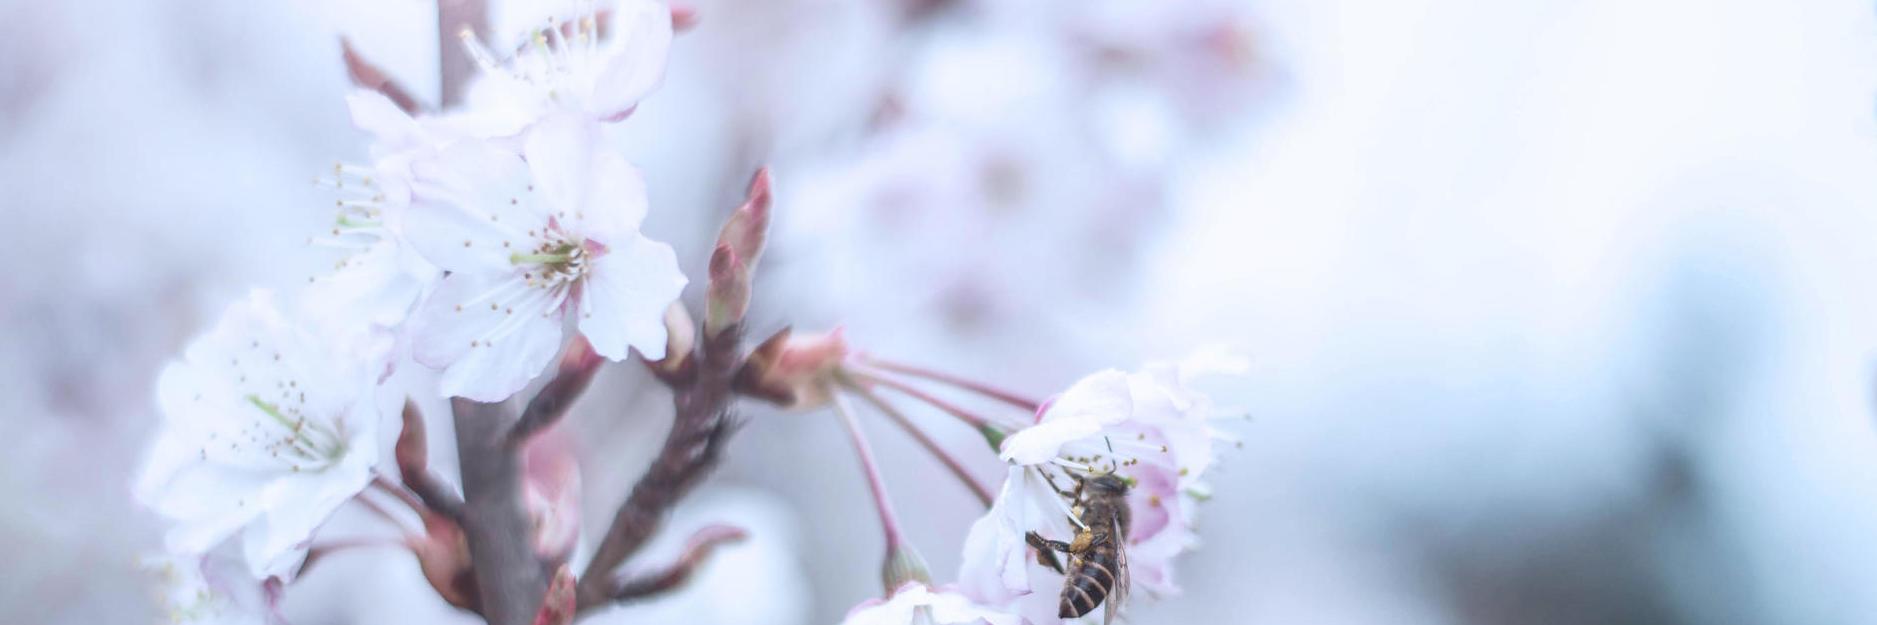 择个好天气,我们出发!看樱桃花!